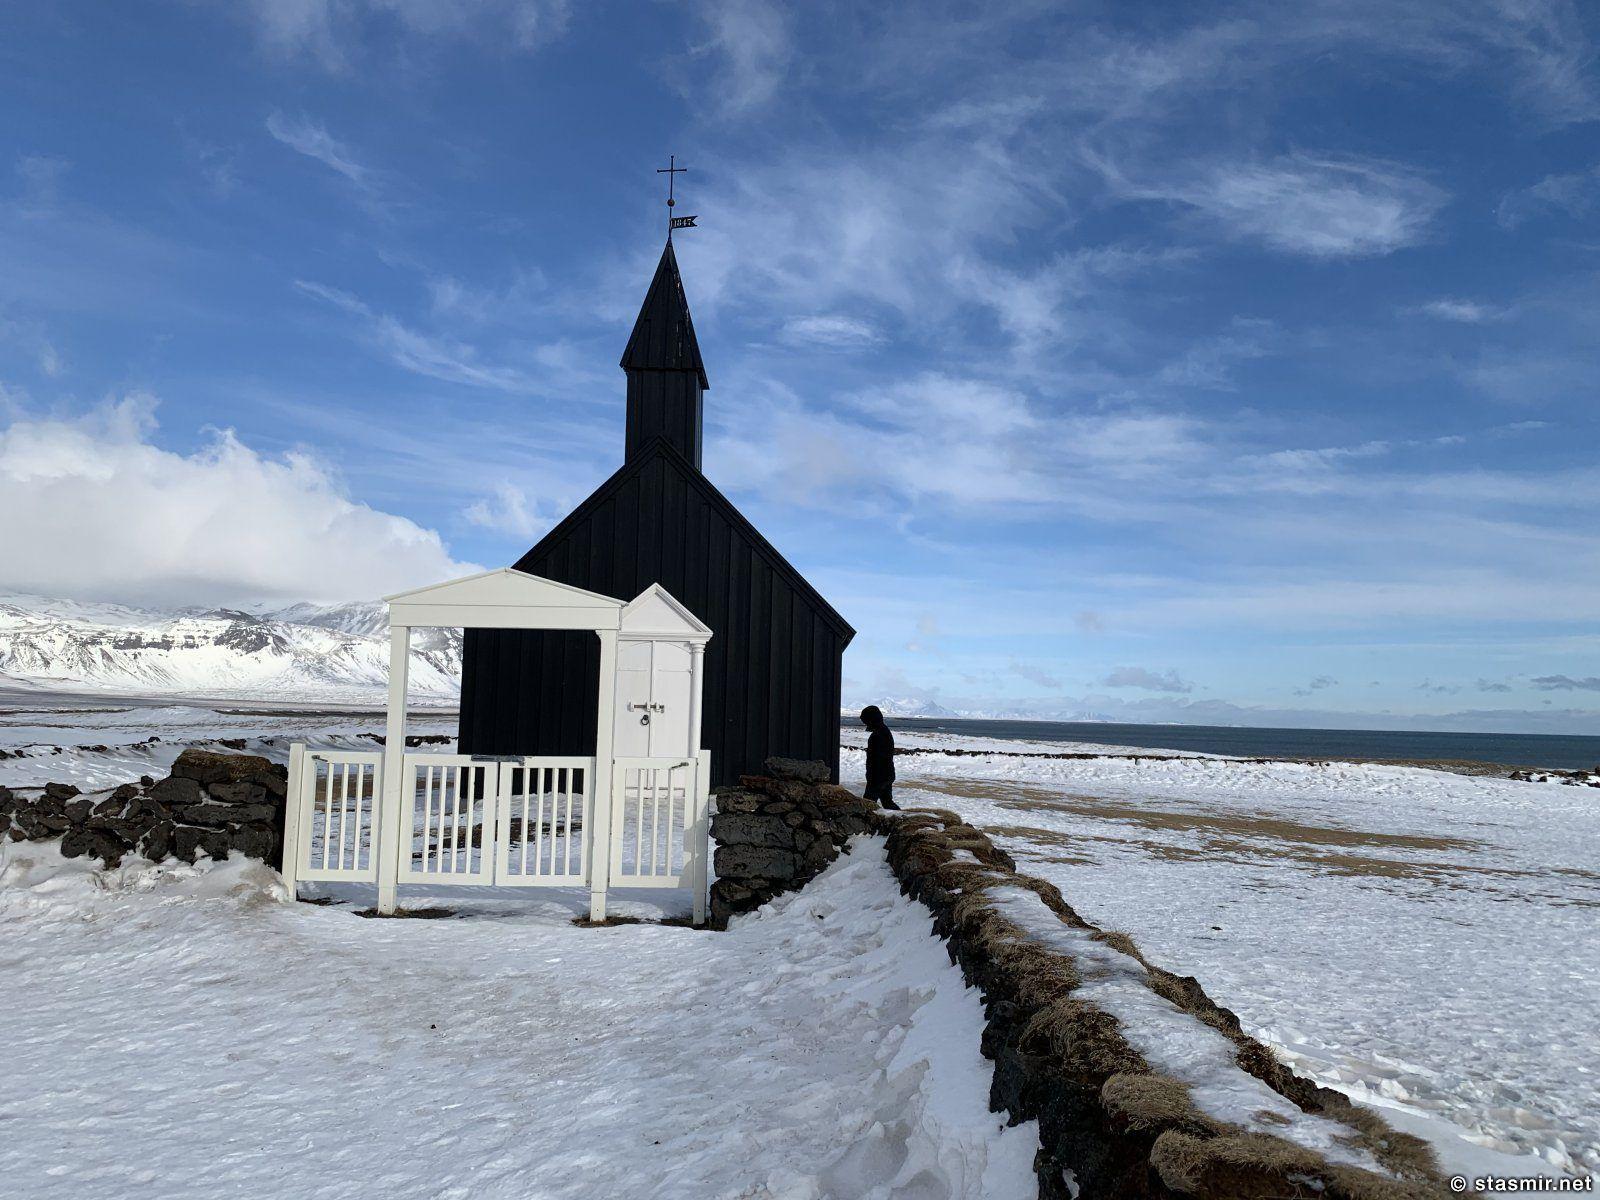 церковь в Будир зимой, Западная Исландия, полуостров Снайфедльснес, фото Стасмир, photo Stasmir